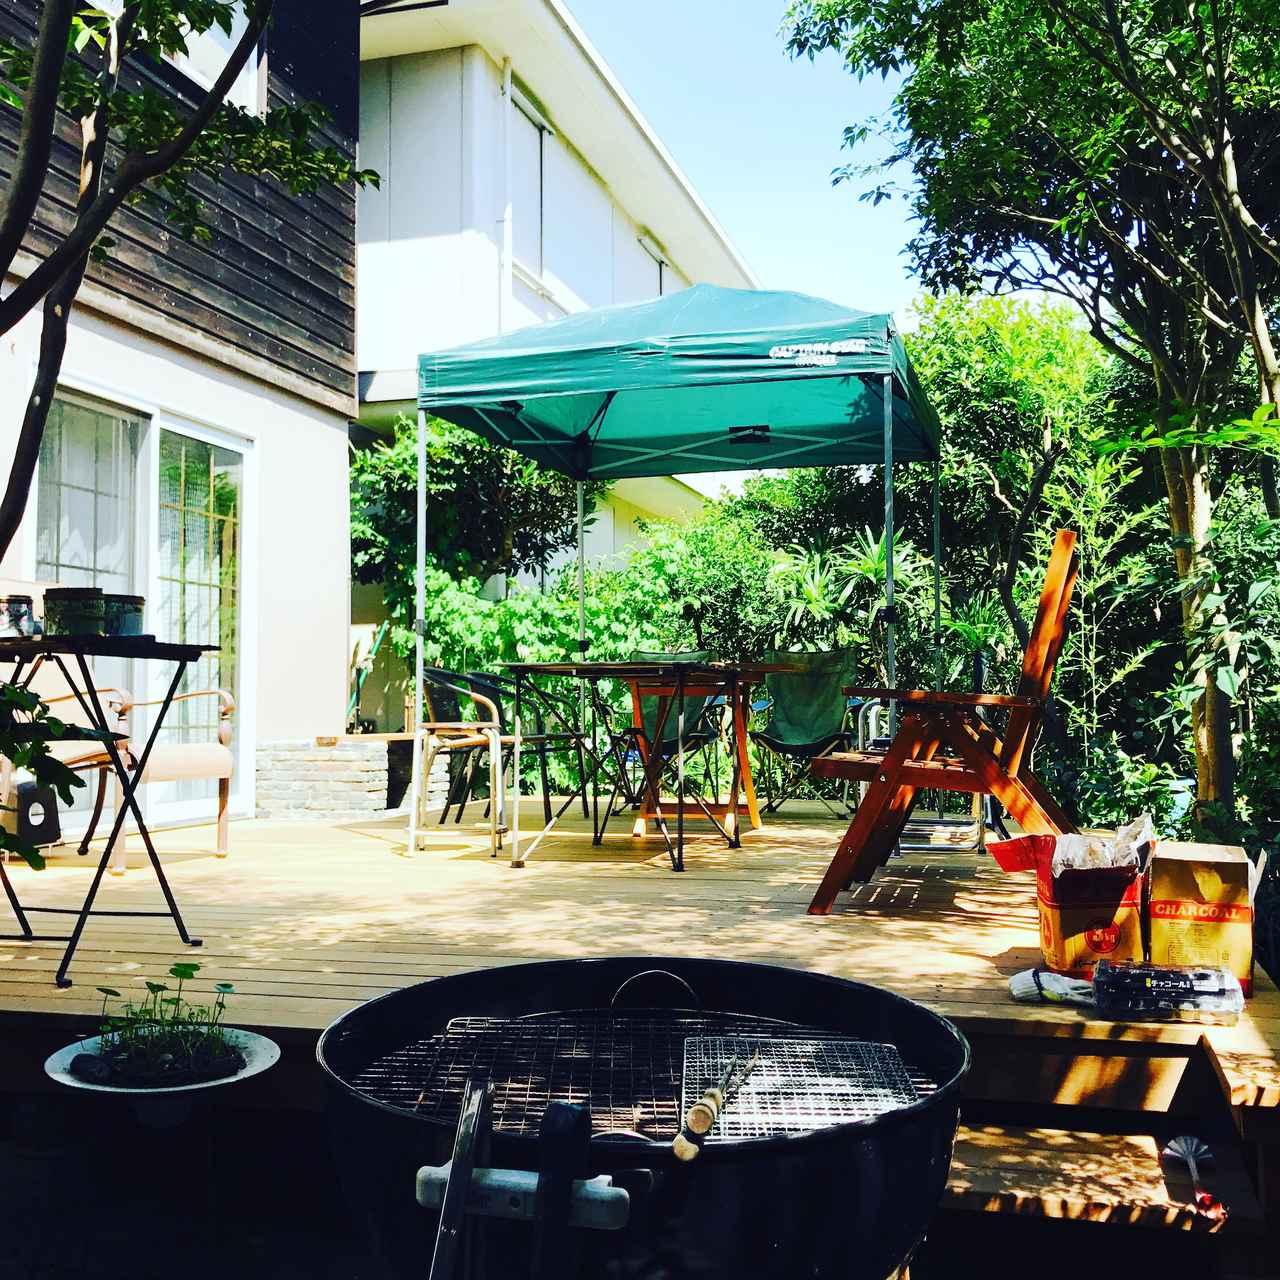 画像: 車庫・庭:キャンプ場デビューの近道・本格的な疑似体験ができる